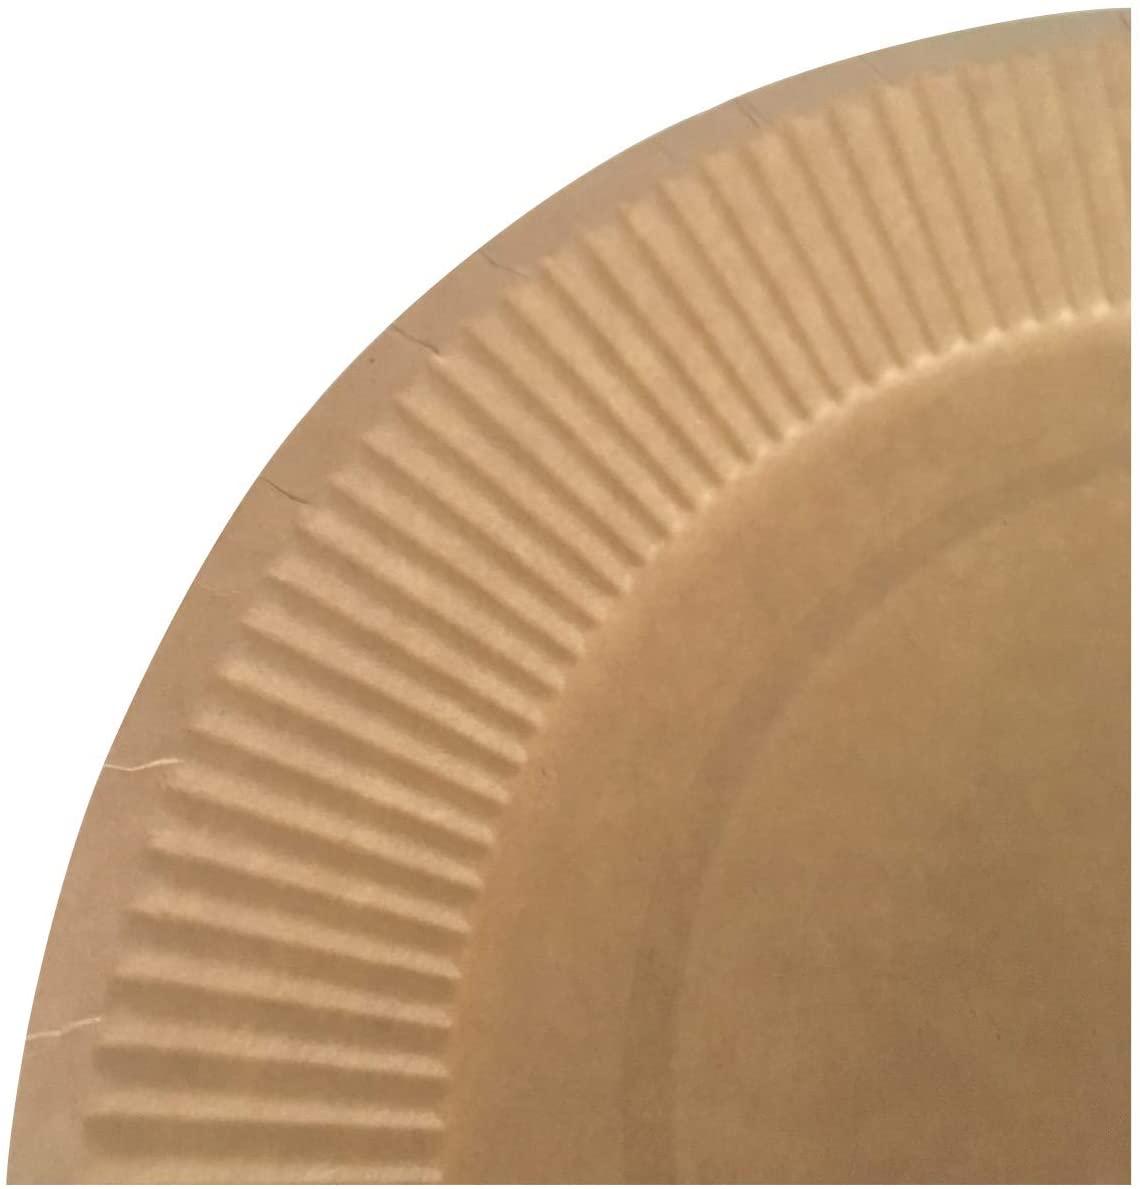 ストリックスデザイン 未晒し ペーパープレート 50枚 茶  SD-103の商品画像6